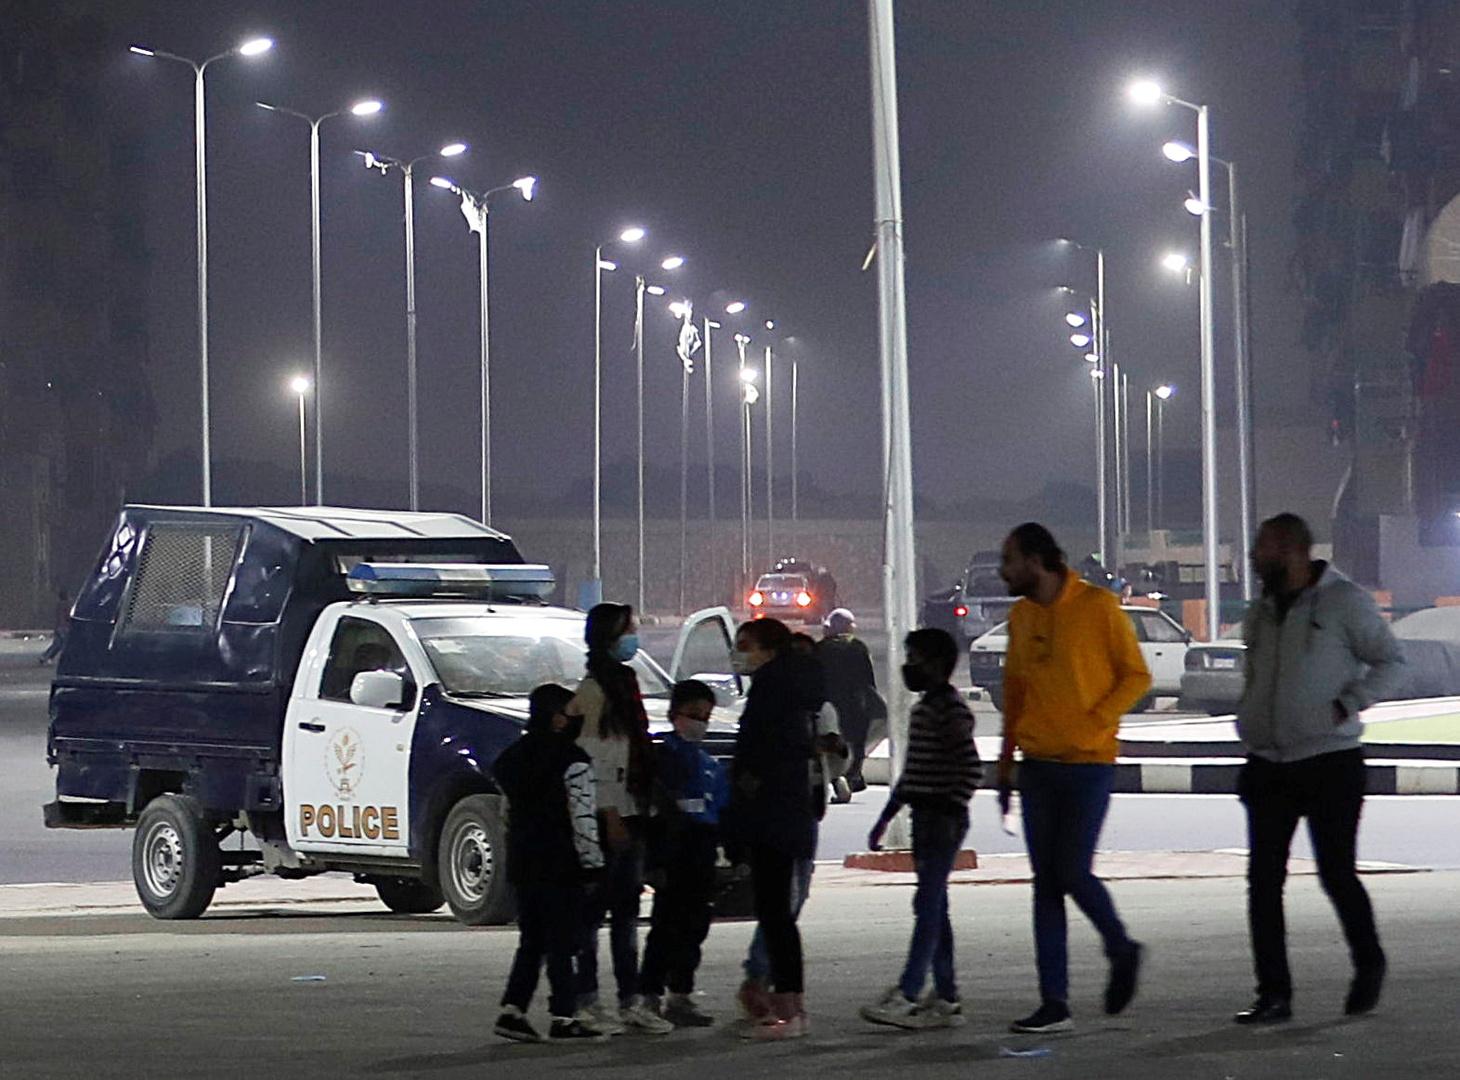 مواطنون يمشون أمام آلية تابعة للشرطة المصرية